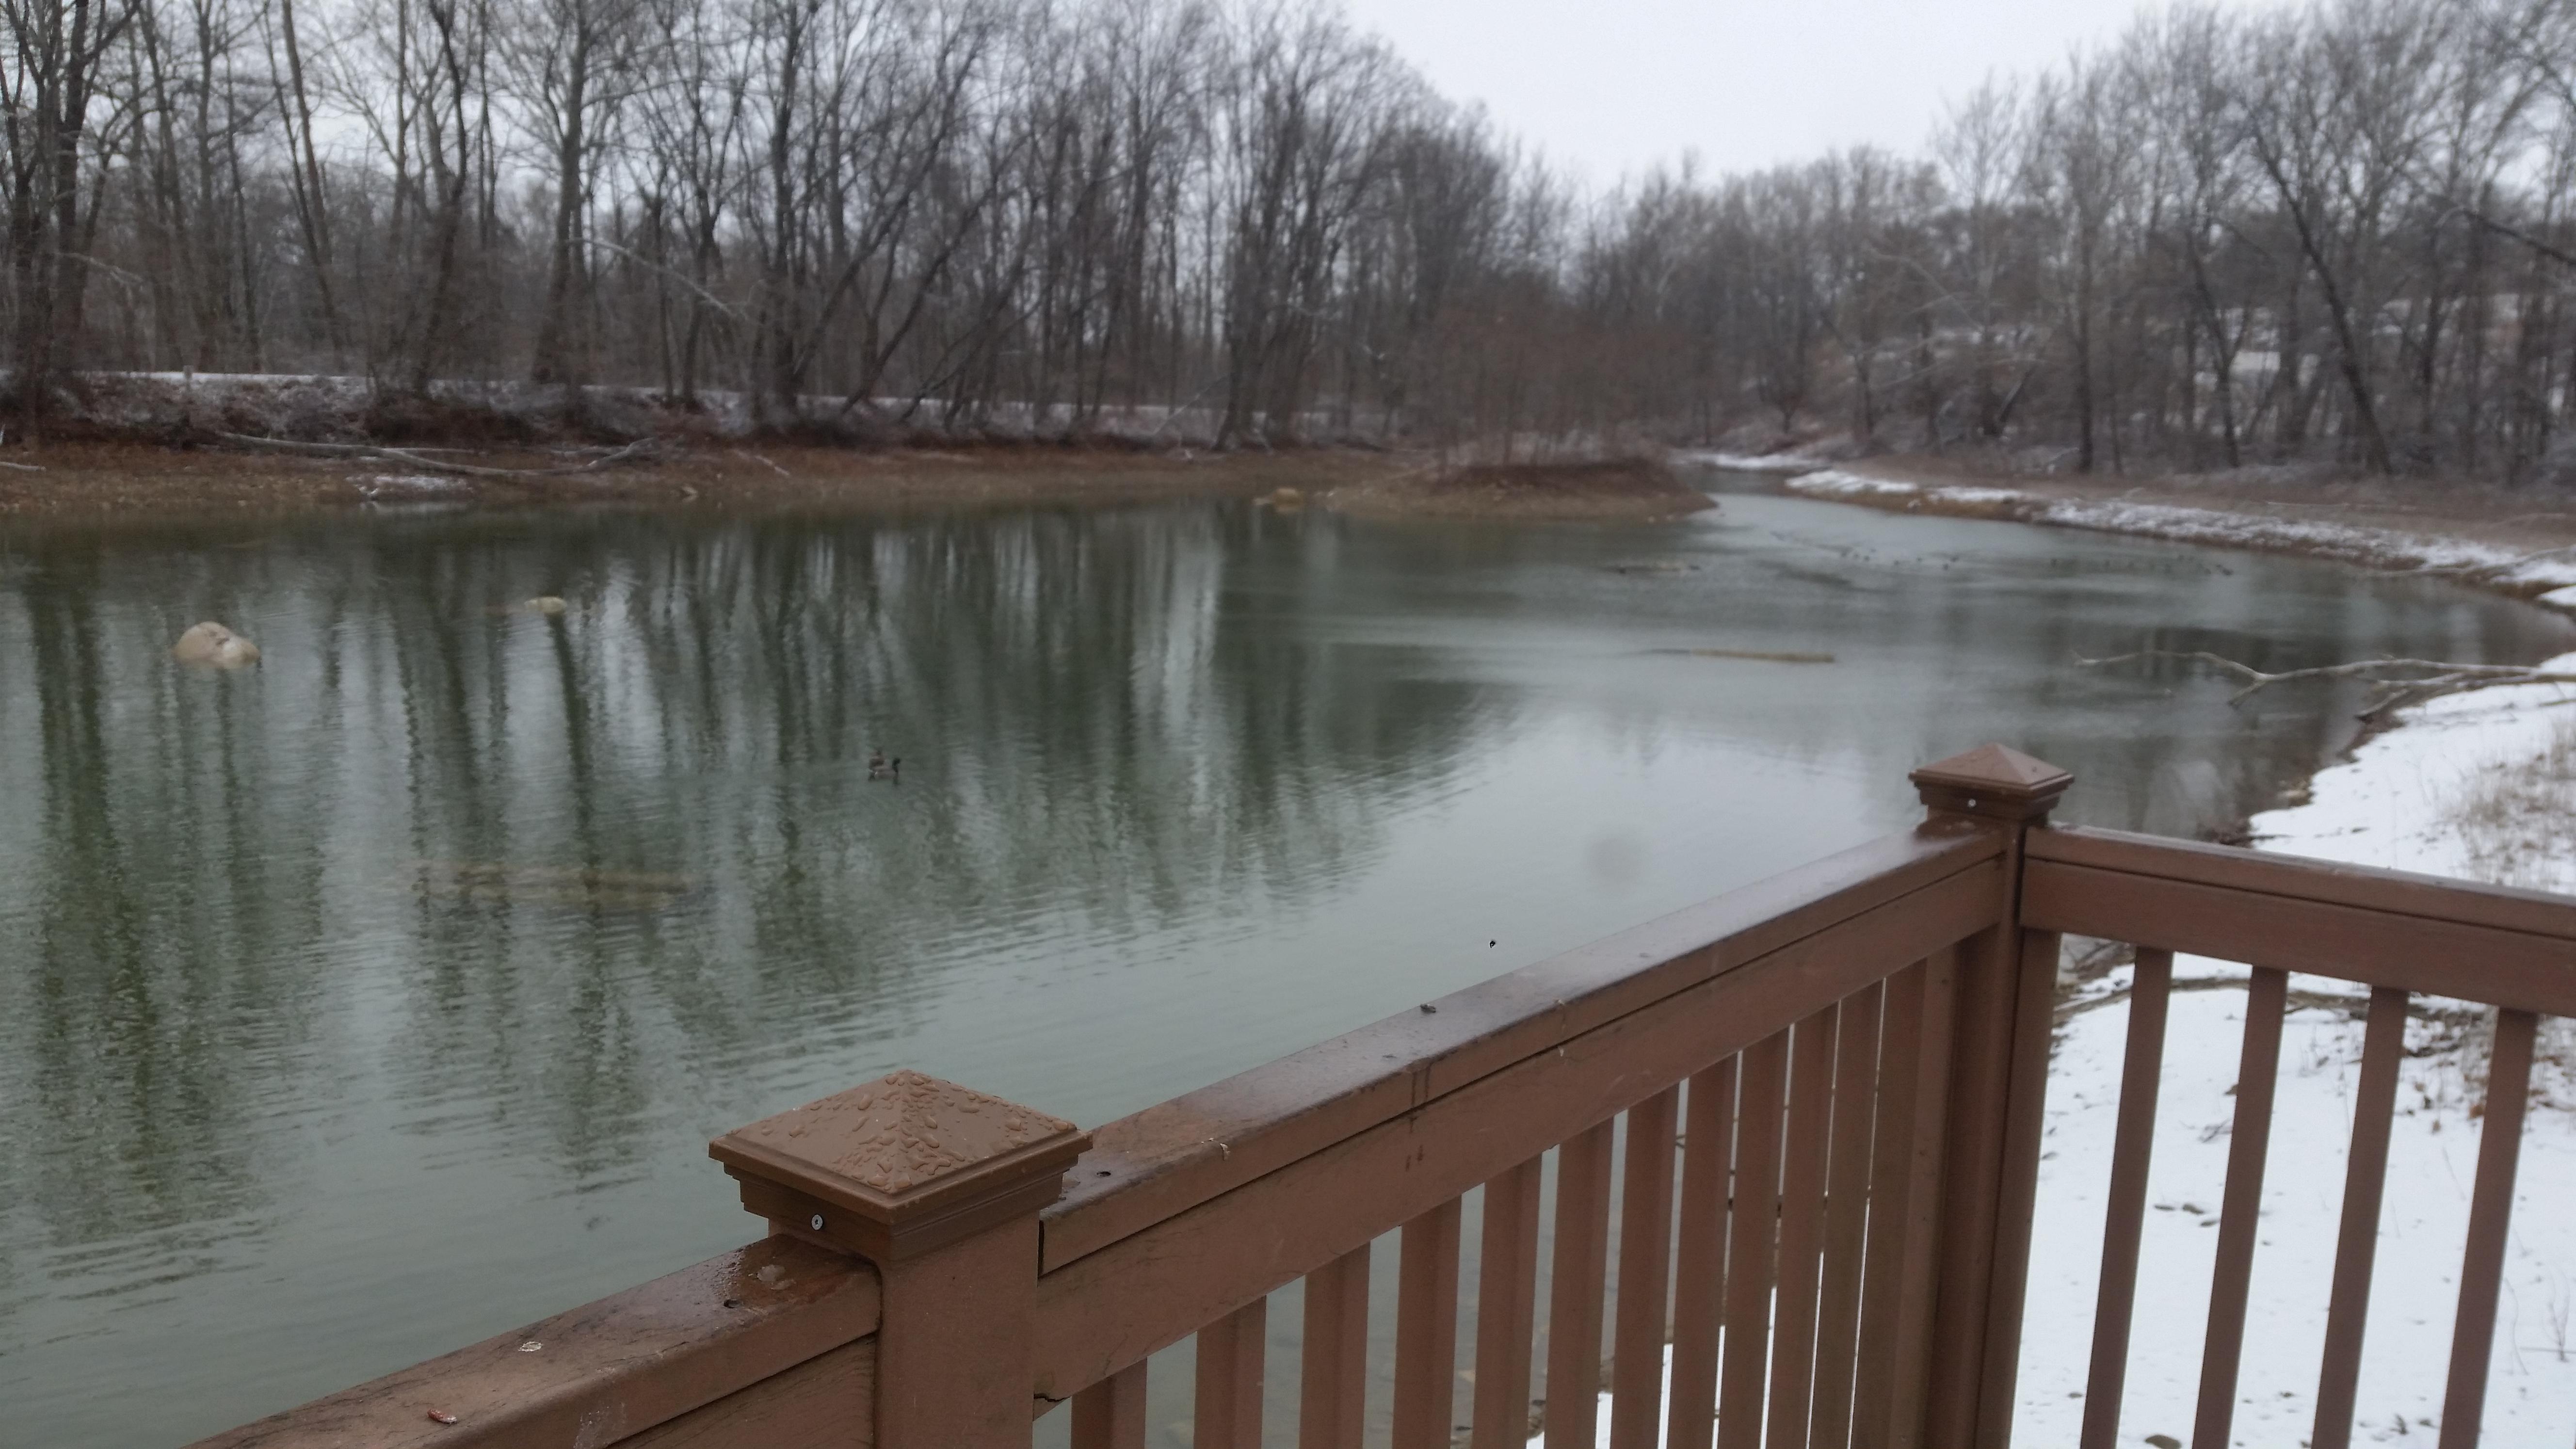 unfrozen pond in winter